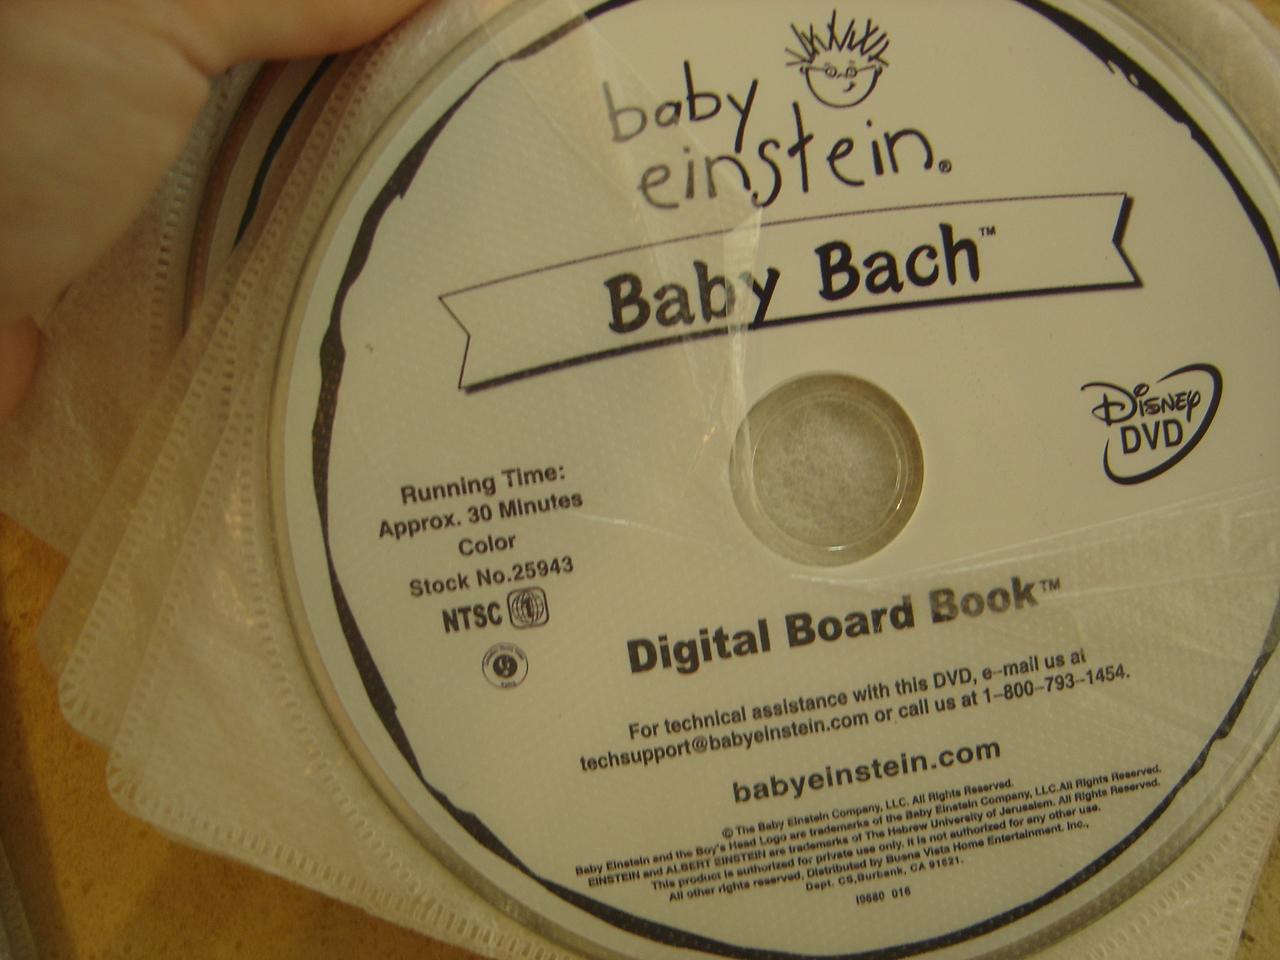 Details about walt disney baby einstein dvd collection 24 discs